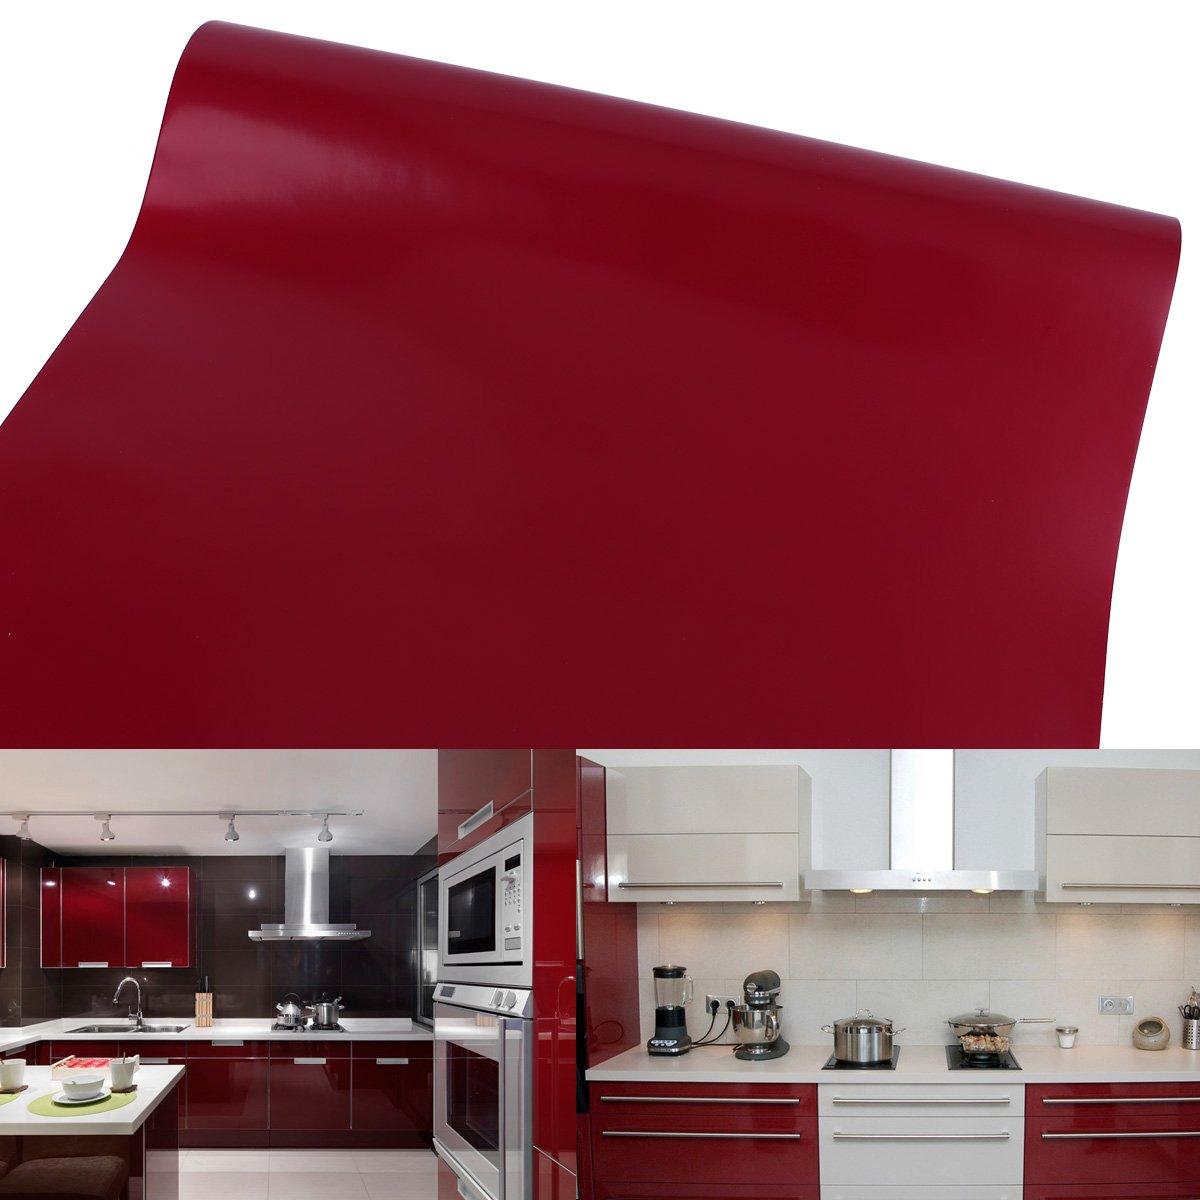 61 cm Rollo – 10 M (Metro) Rojo auto-adhesivos Muebles pantalla para manualidades pantalla pantalla para plotter Armario pantalla decorativo pantalla pantalla: Amazon.es: Hogar